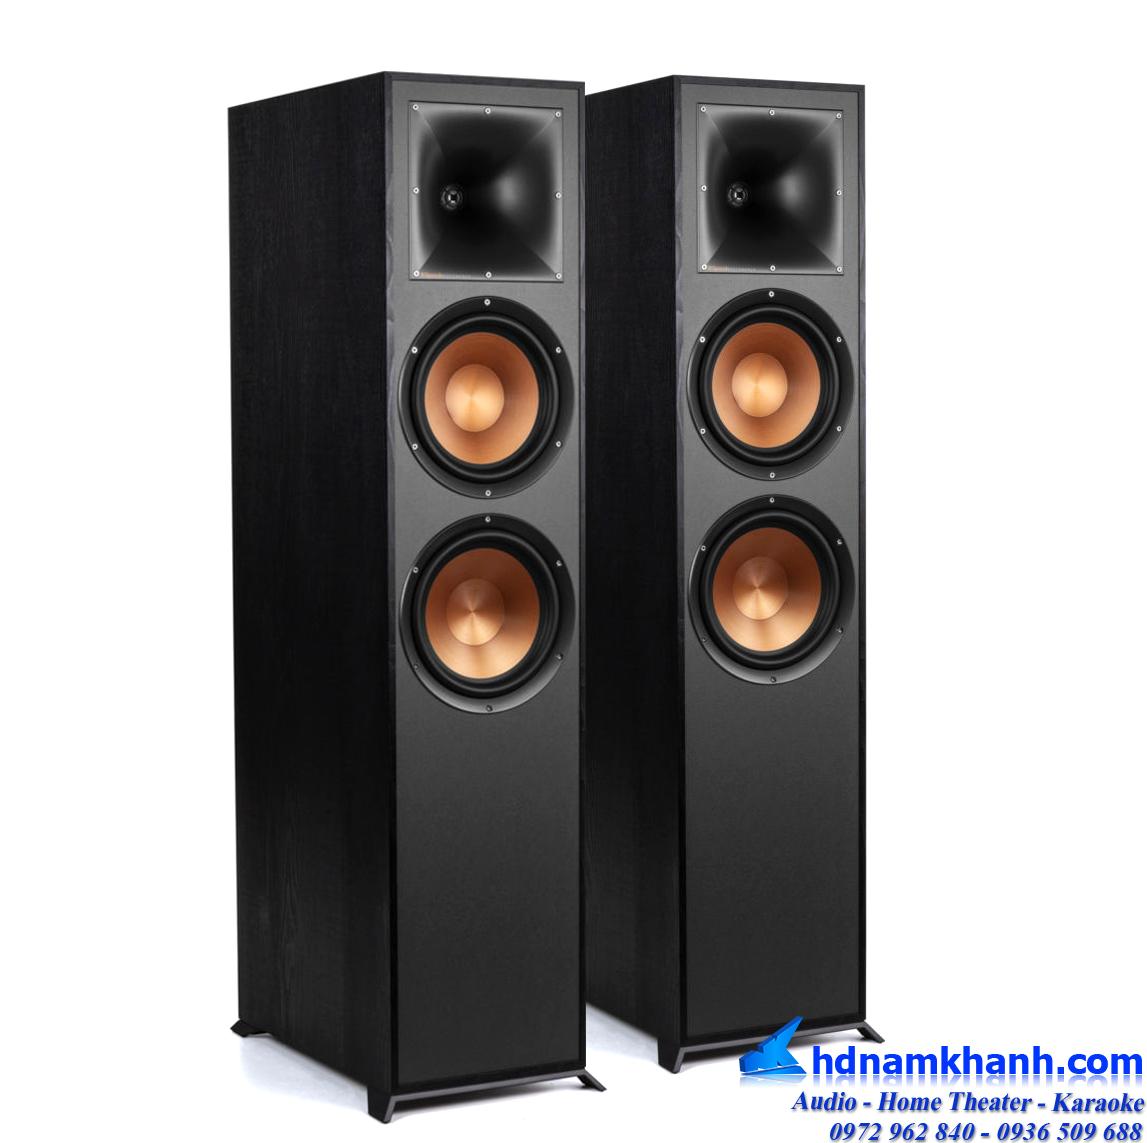 Sắm Bộ Loa 5.1 Klipsch 820F cực hay cho dàn âm thanh gia đình - 261974